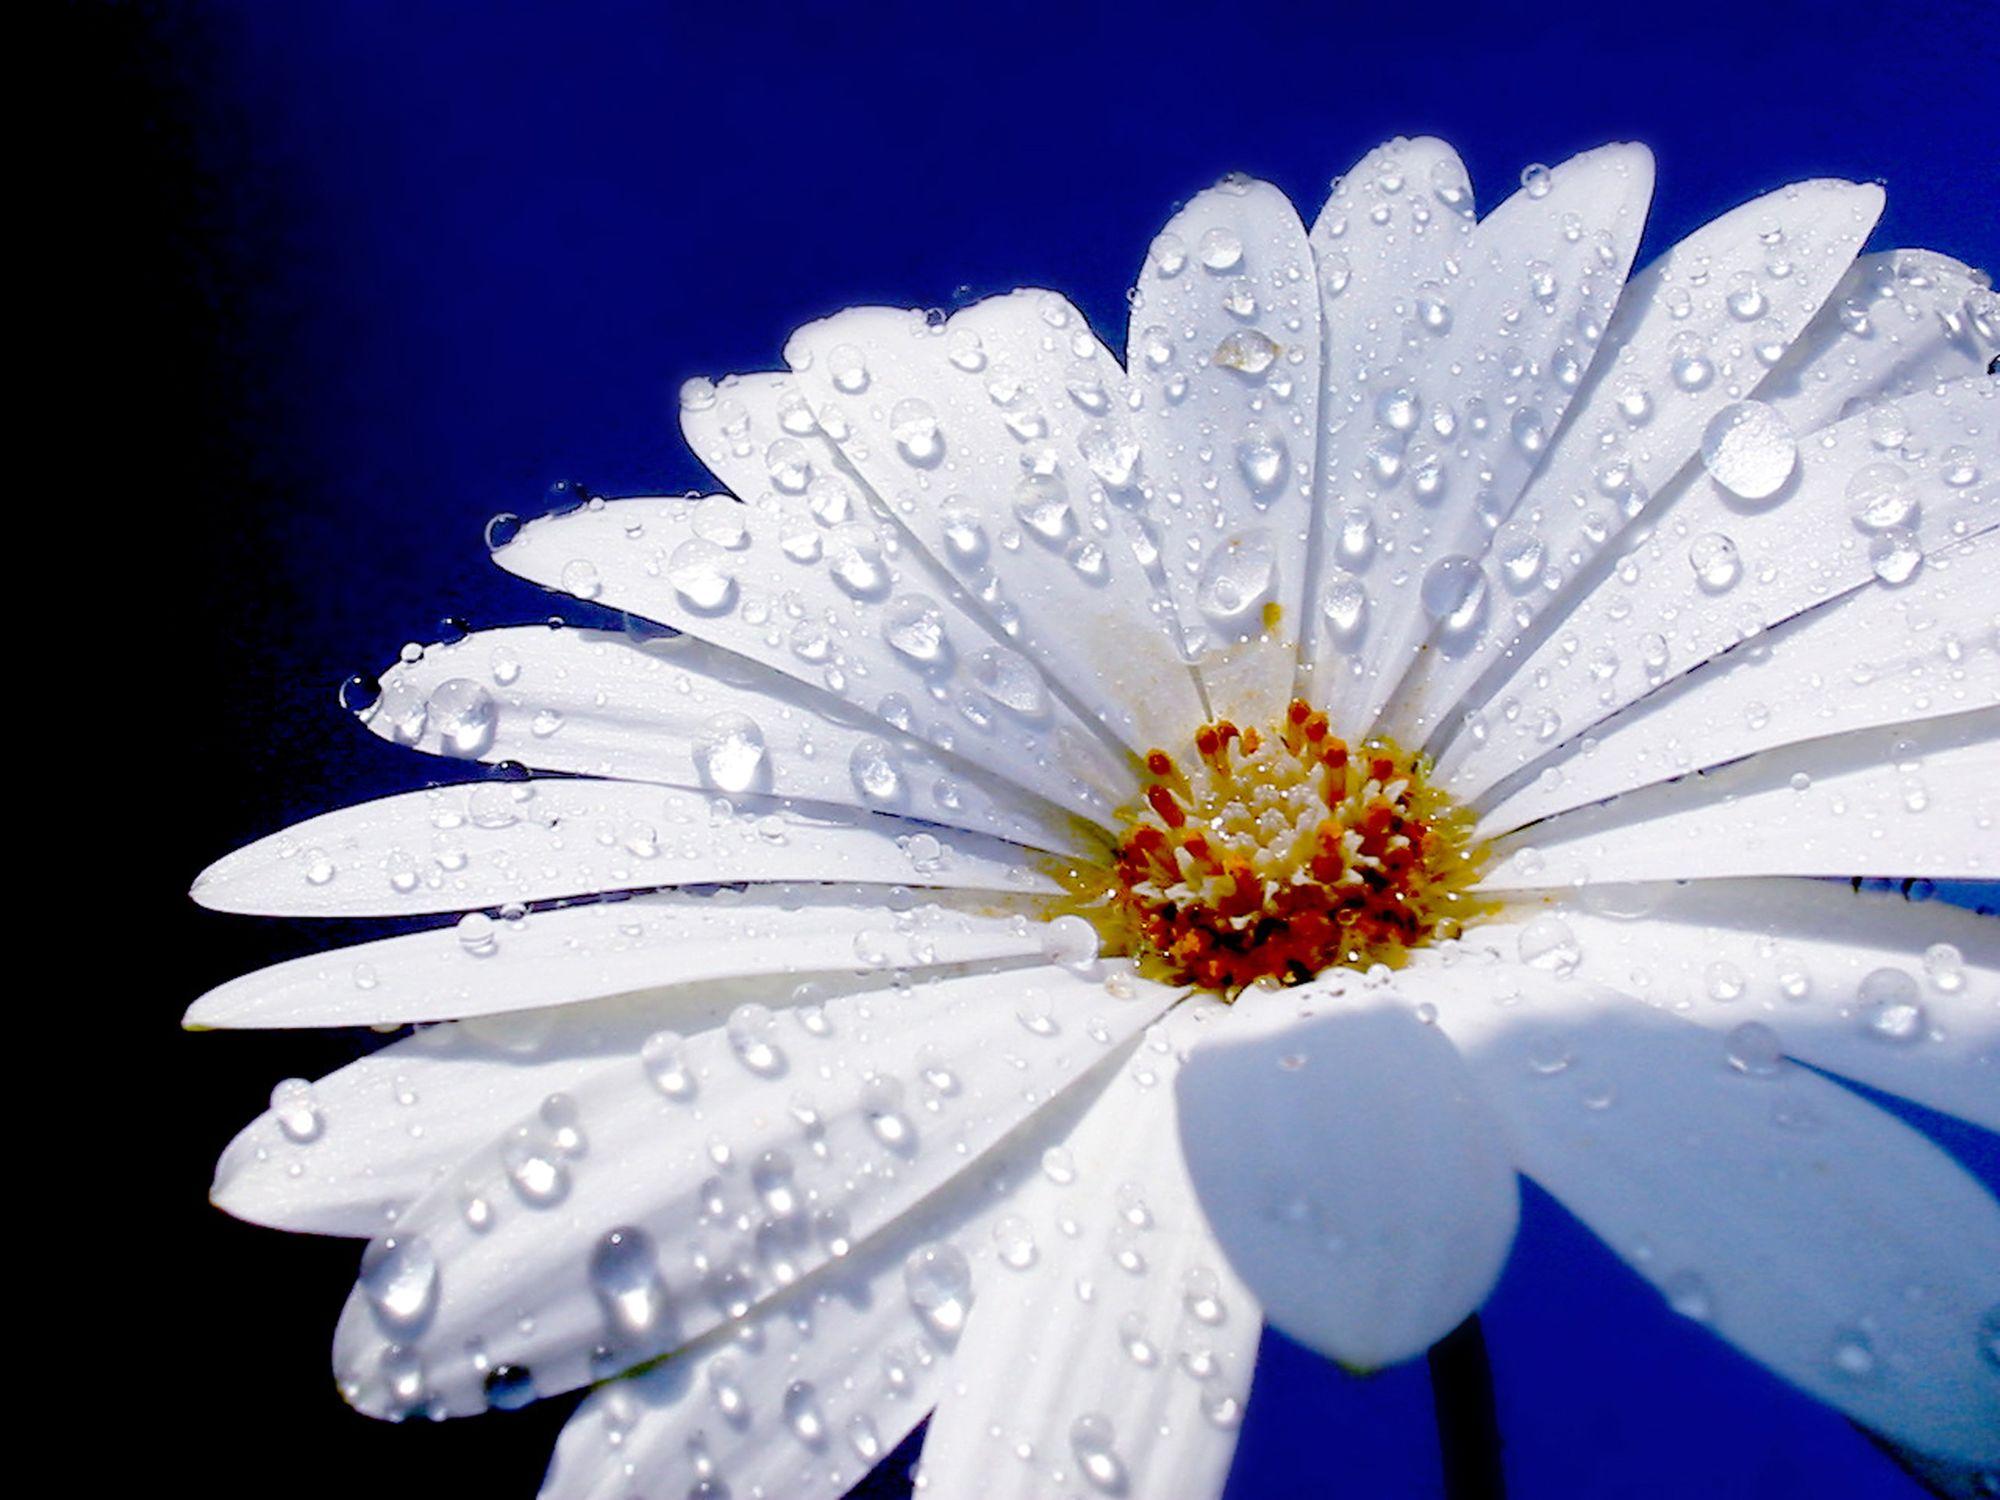 Bild mit Farben, Natur, Elemente, Wasser, Pflanzen, Himmel, Blumen, Weiß, Korbblütler, Gerberas, Kamillen, Blau